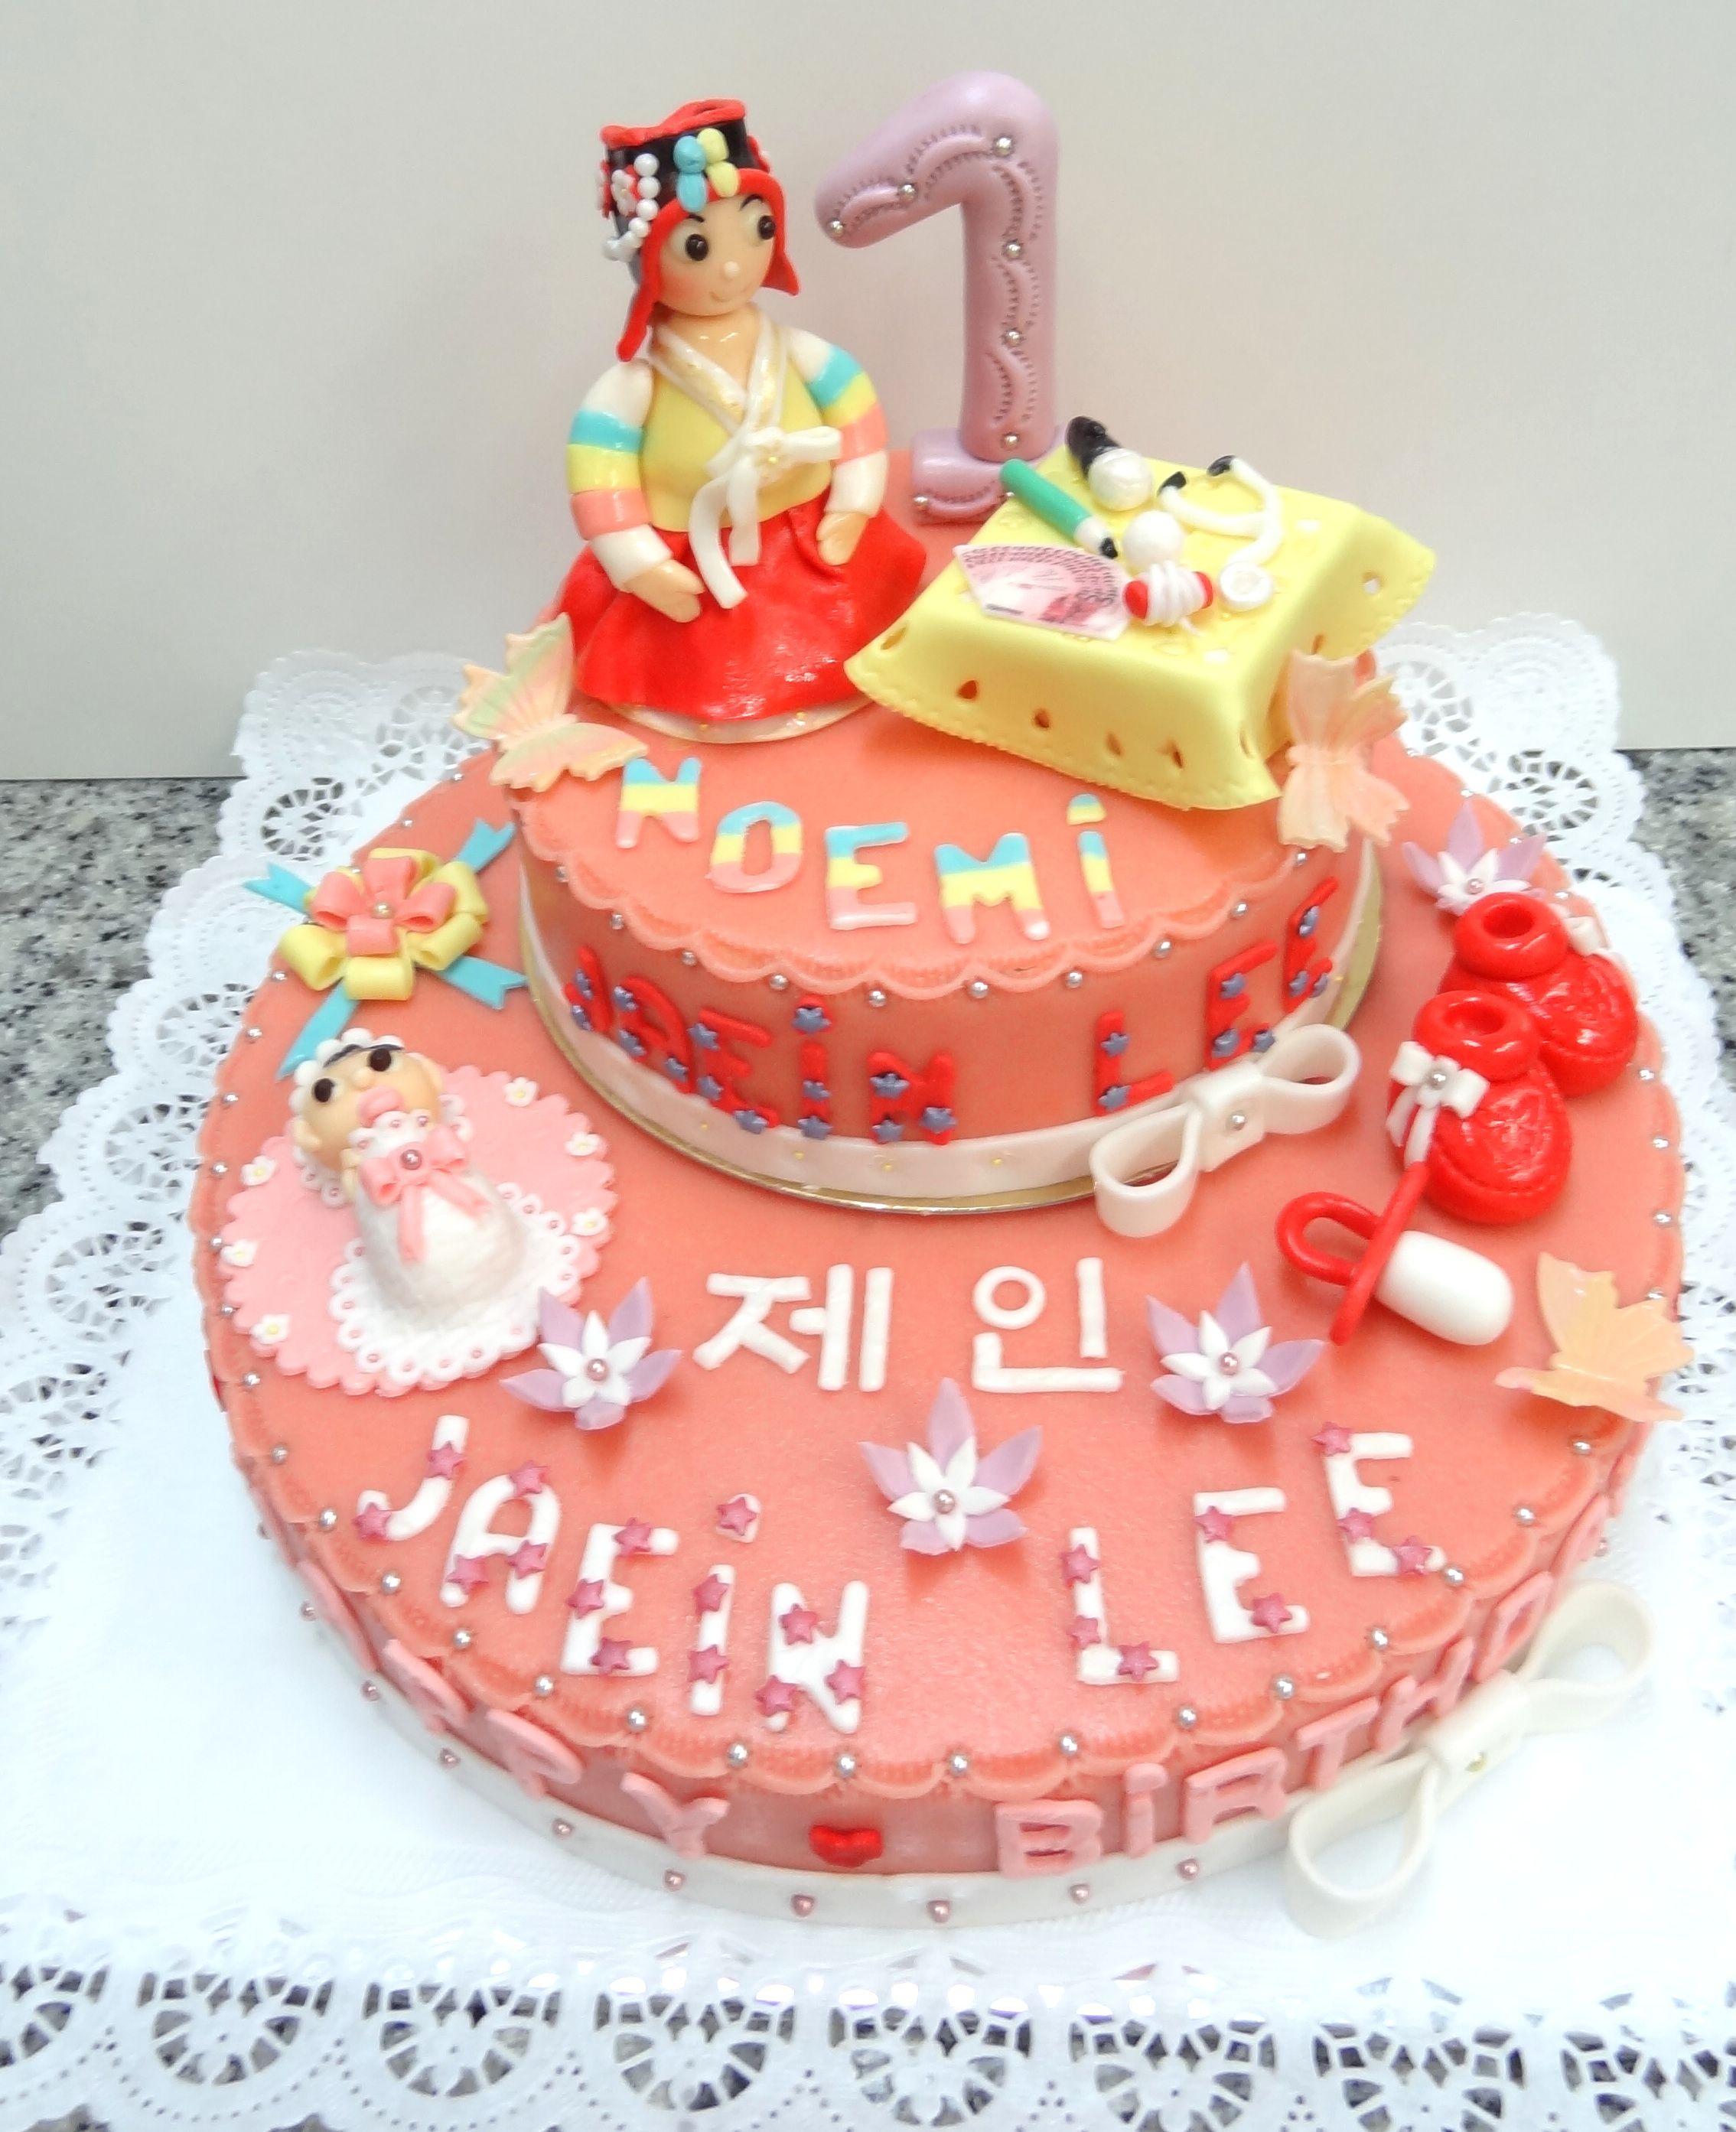 Koreanische Geburtstagestorte Doljabi Handgemacht Von Cafe Riese Koln Korean Doljabi Birthday Cake Handmade By Cafe Riese Geburtstagstorte Torten Geburt